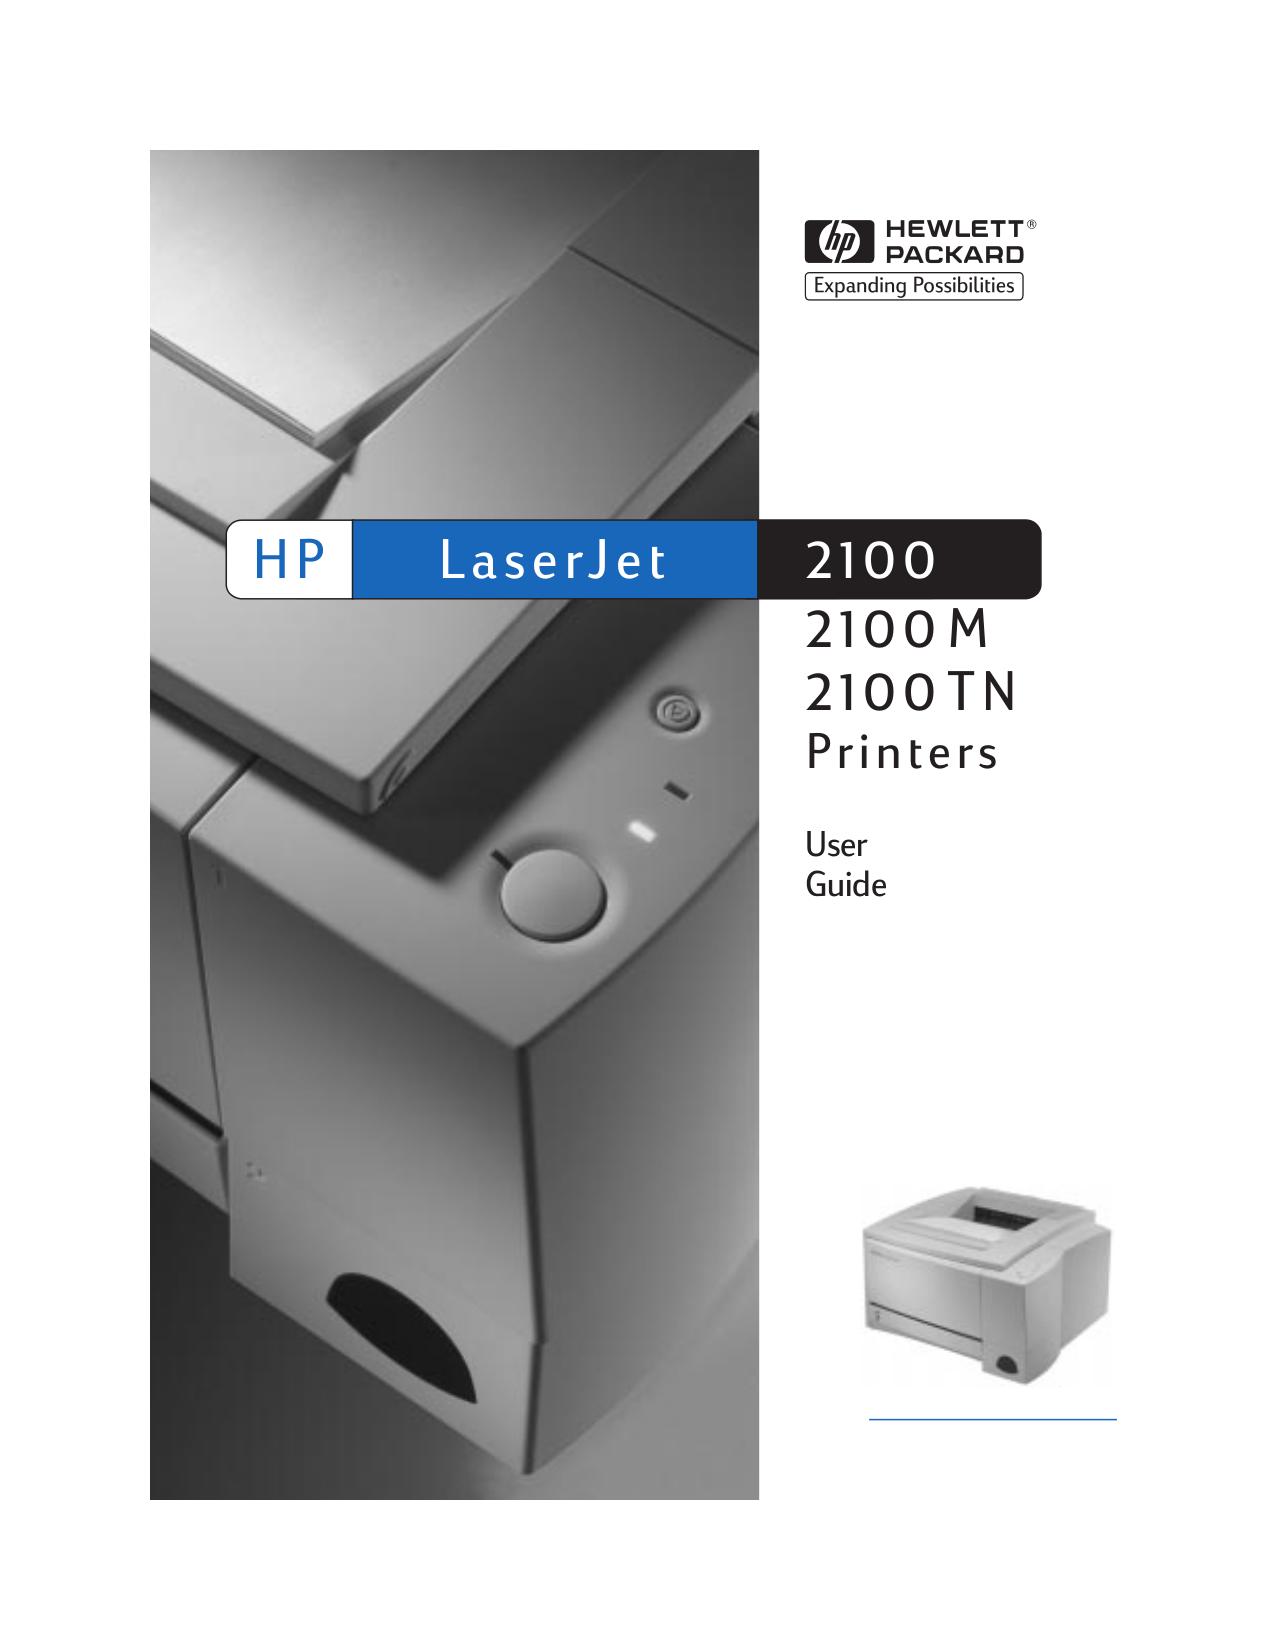 hp laserjet 2100 repair manual fileoklahoma. Black Bedroom Furniture Sets. Home Design Ideas